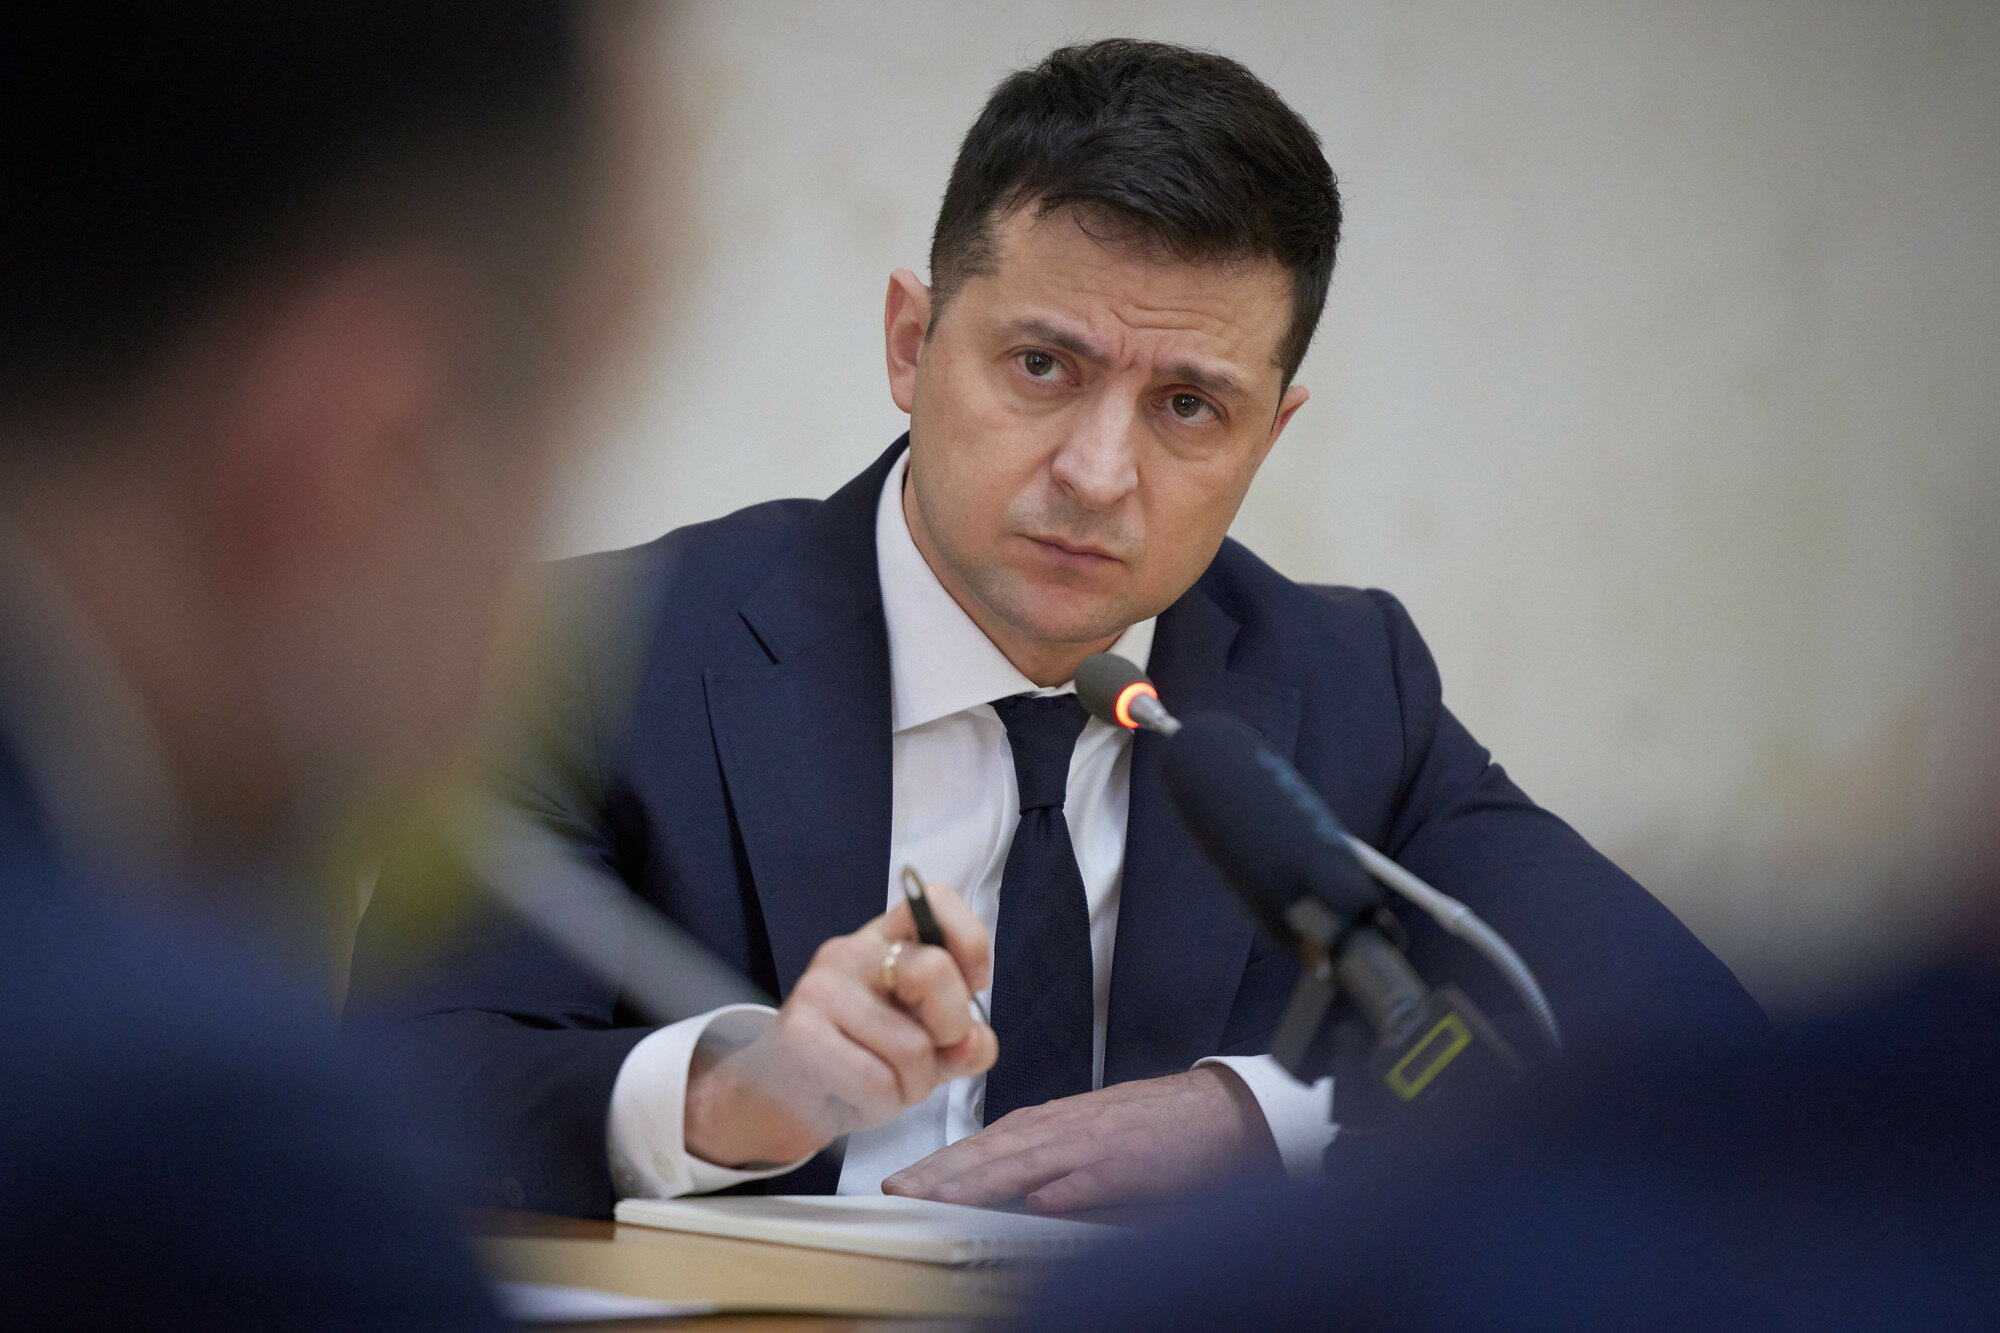 Зеленський анулював ліцензії на користування українськими надрами 19 компаніям